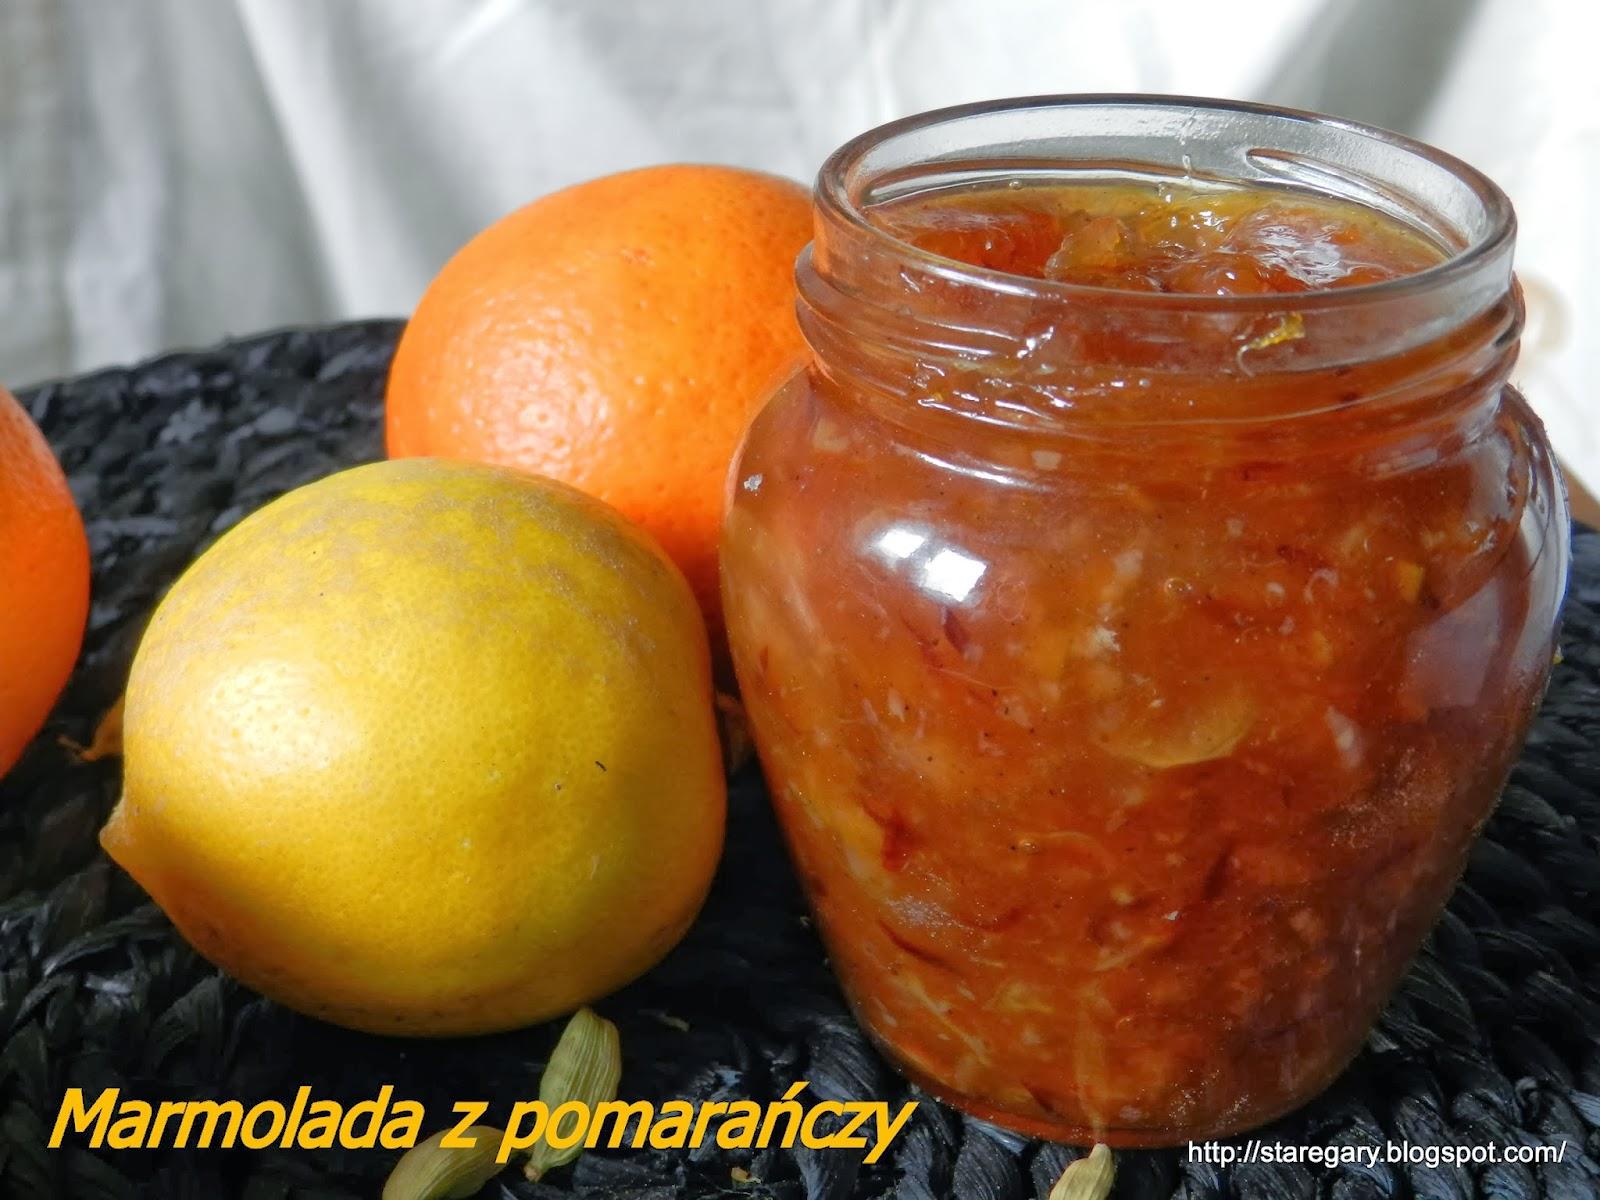 Marmolada z pomarańczy -  maszyna do chleba